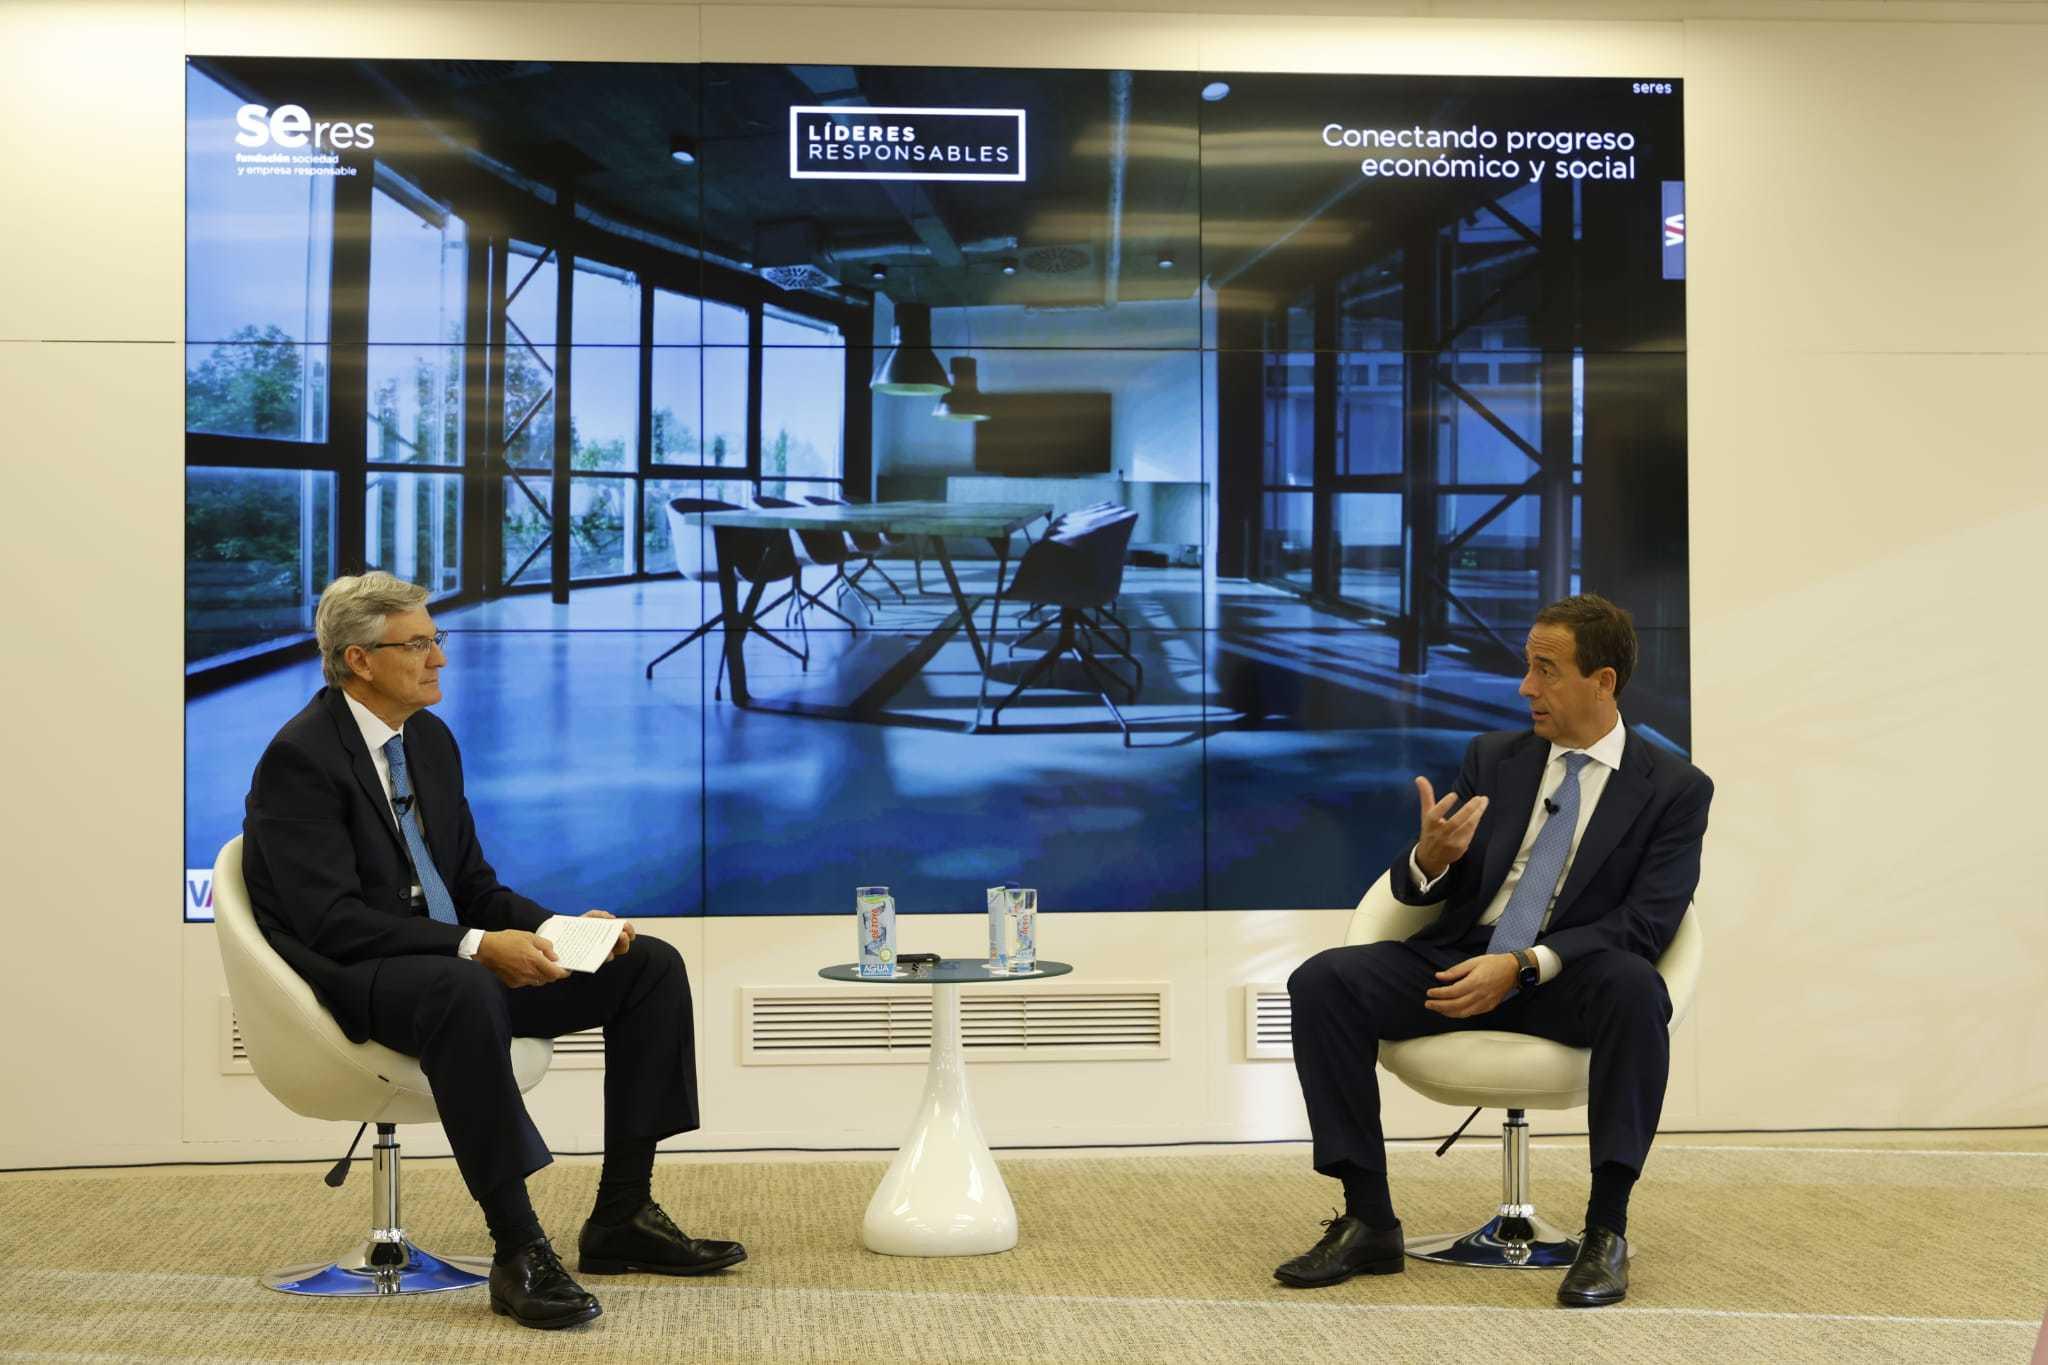 El presidente de Deloitte en España, Fernando Ruiz, y el CEO de CaixaBank, Gonzalo Gortázar.